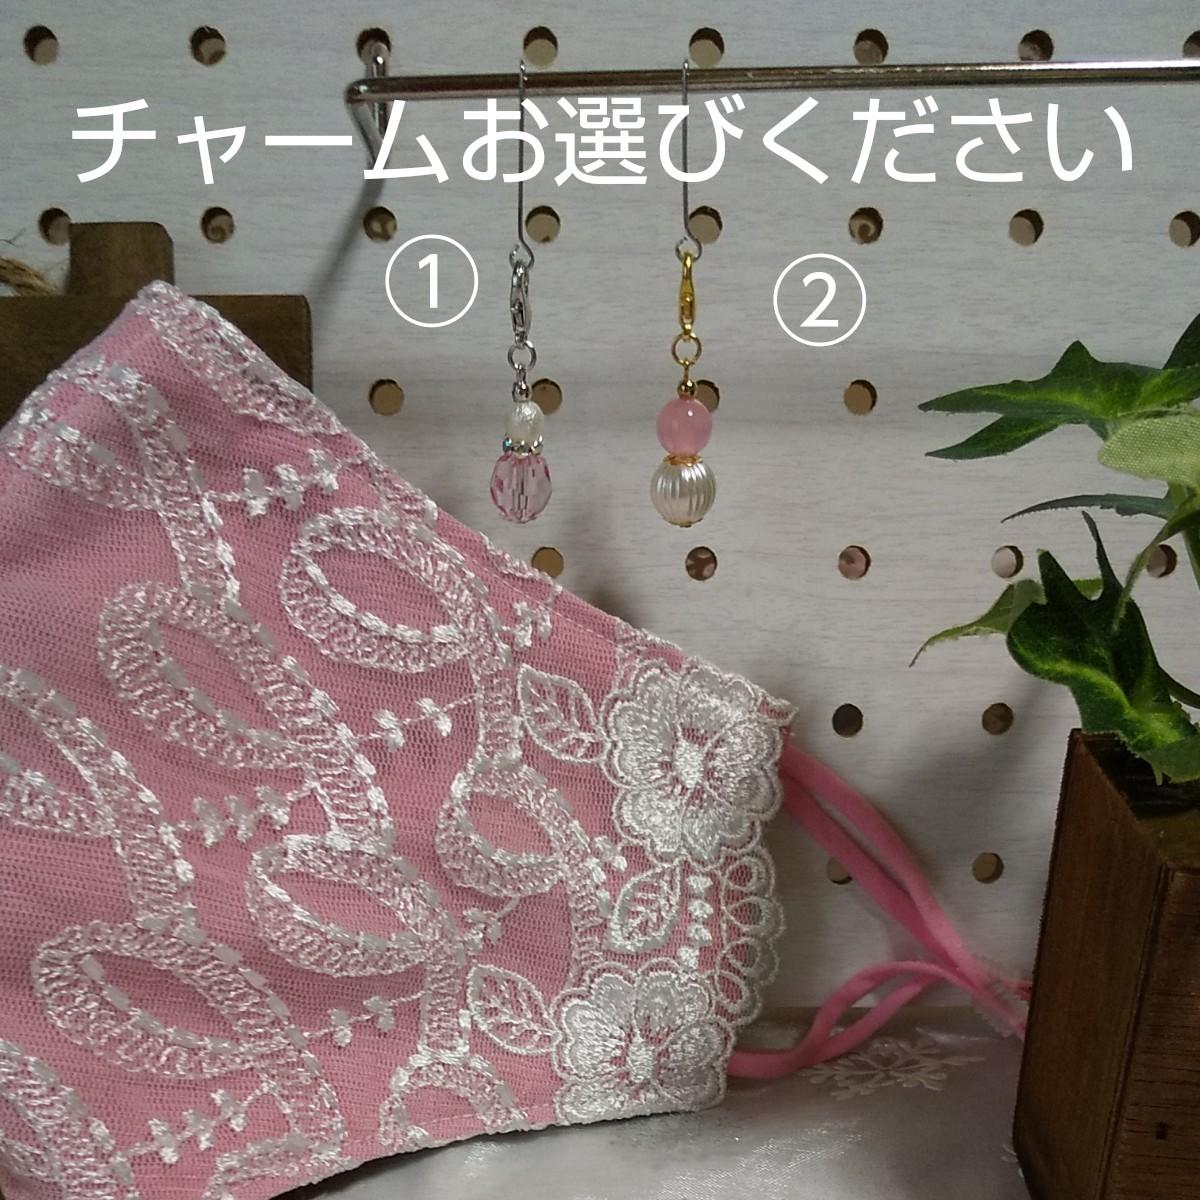 立体インナーハンドメイド、綿ガーゼ、チュール刺繍レース(ピンク×ホワイト刺繍レース)(大きめサイズ)アジャスター付、チャーム付